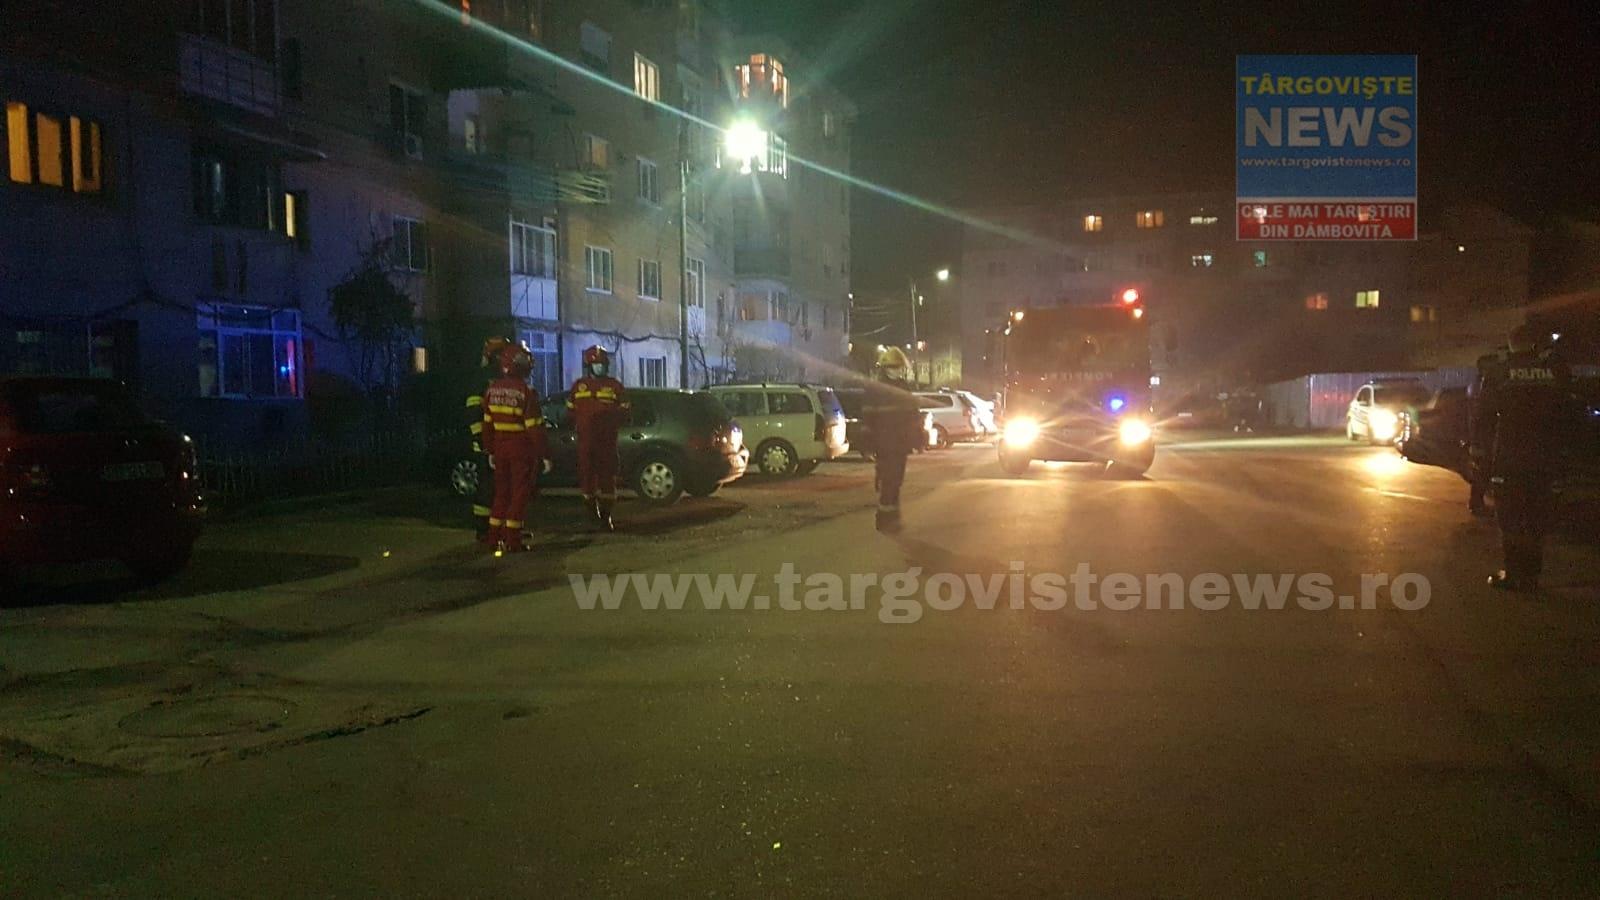 Zeci de persoane dintr-un bloc din Găești, evacuate, după ce locatarii au simțit miros puternic de gaze